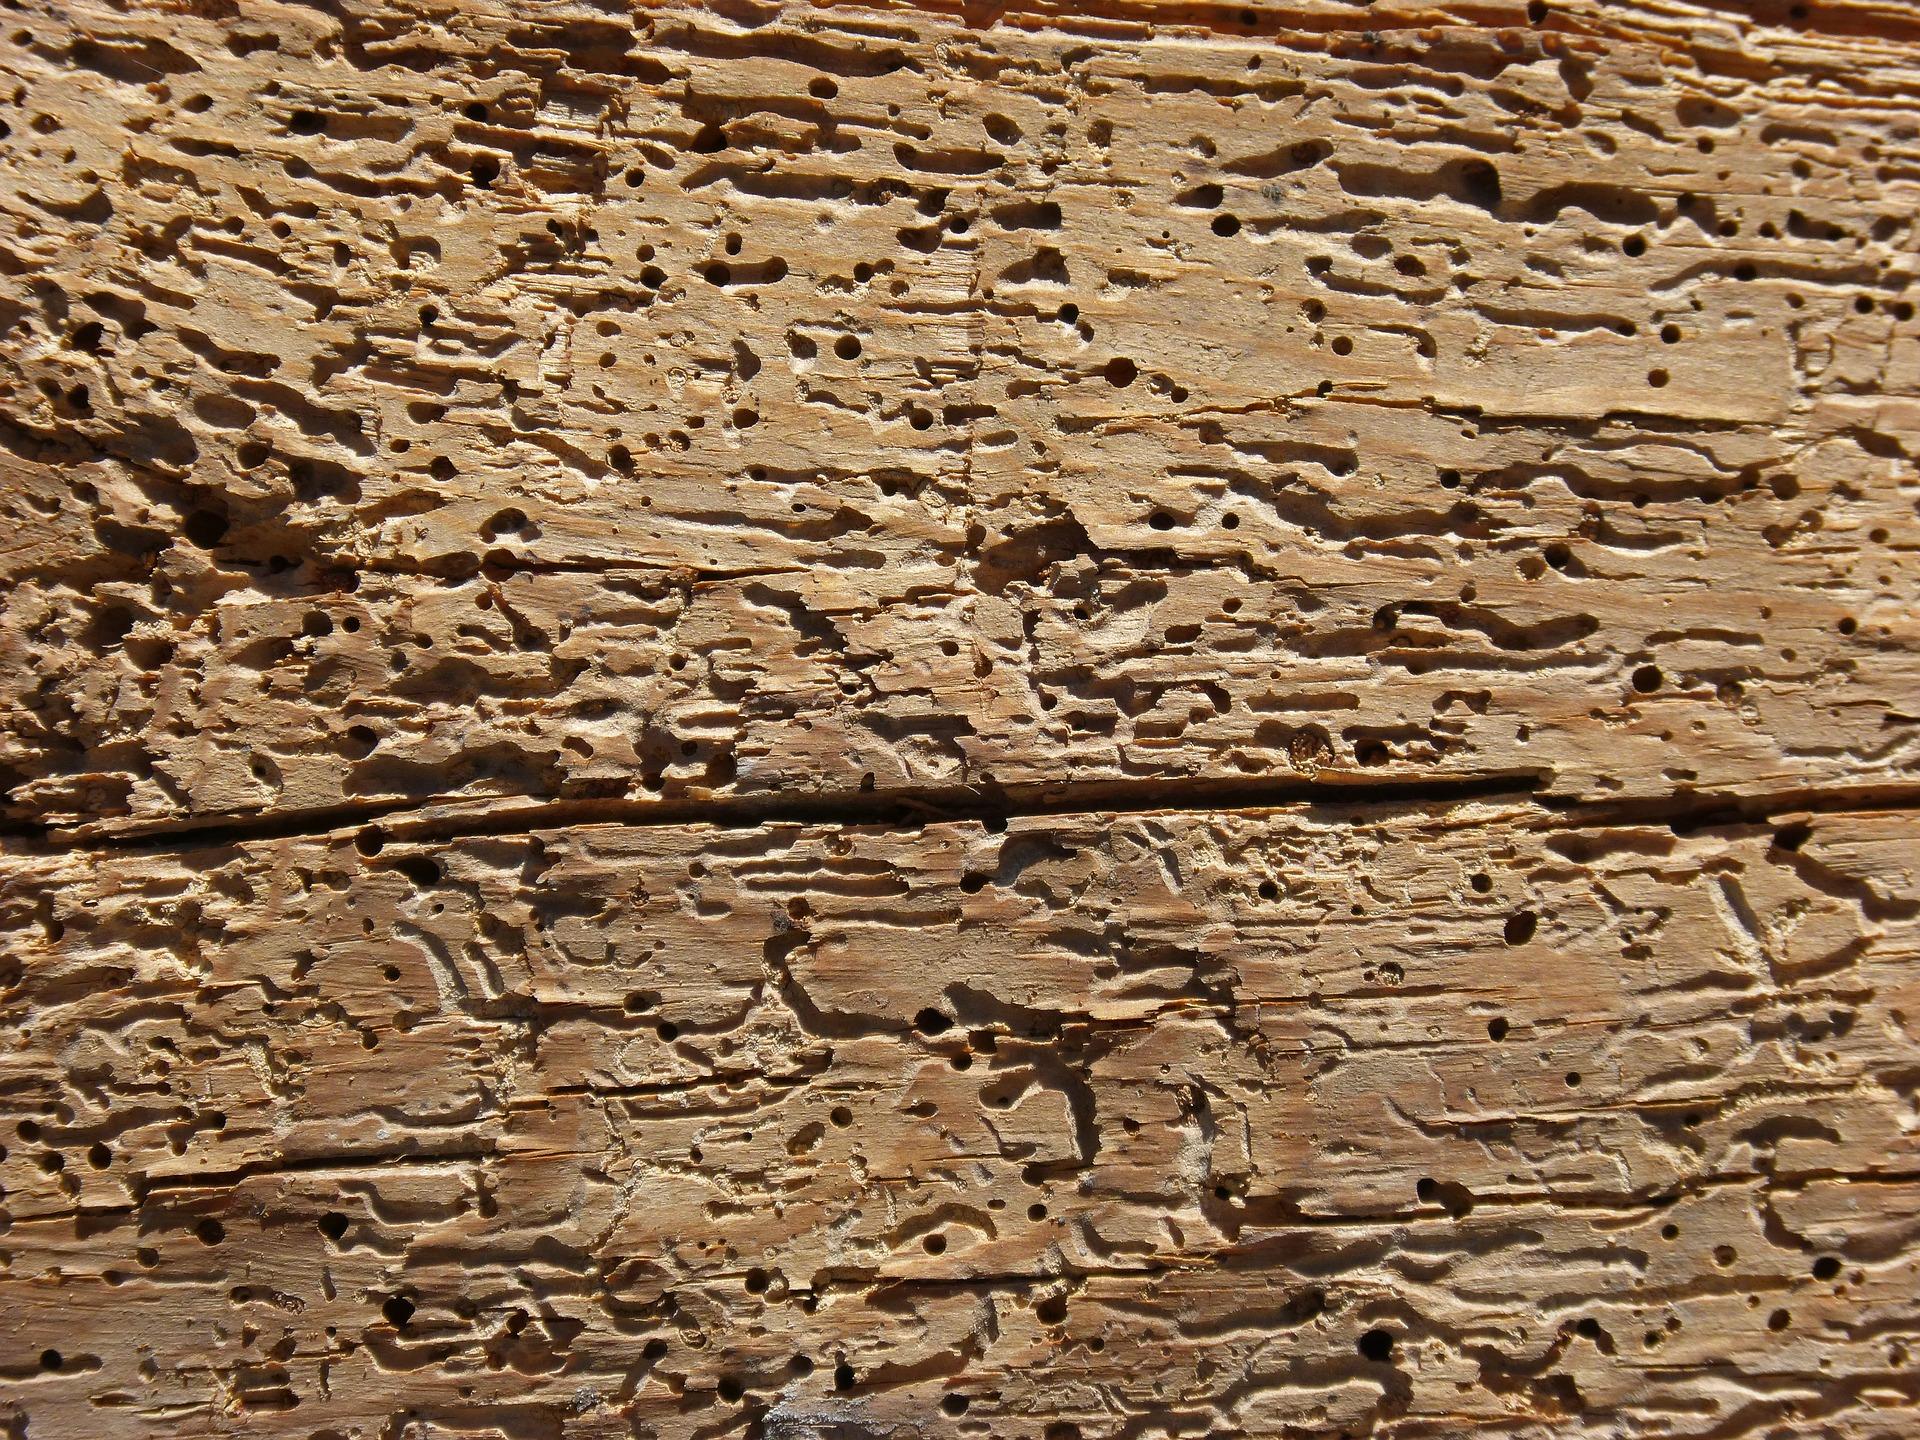 Daños por termitas